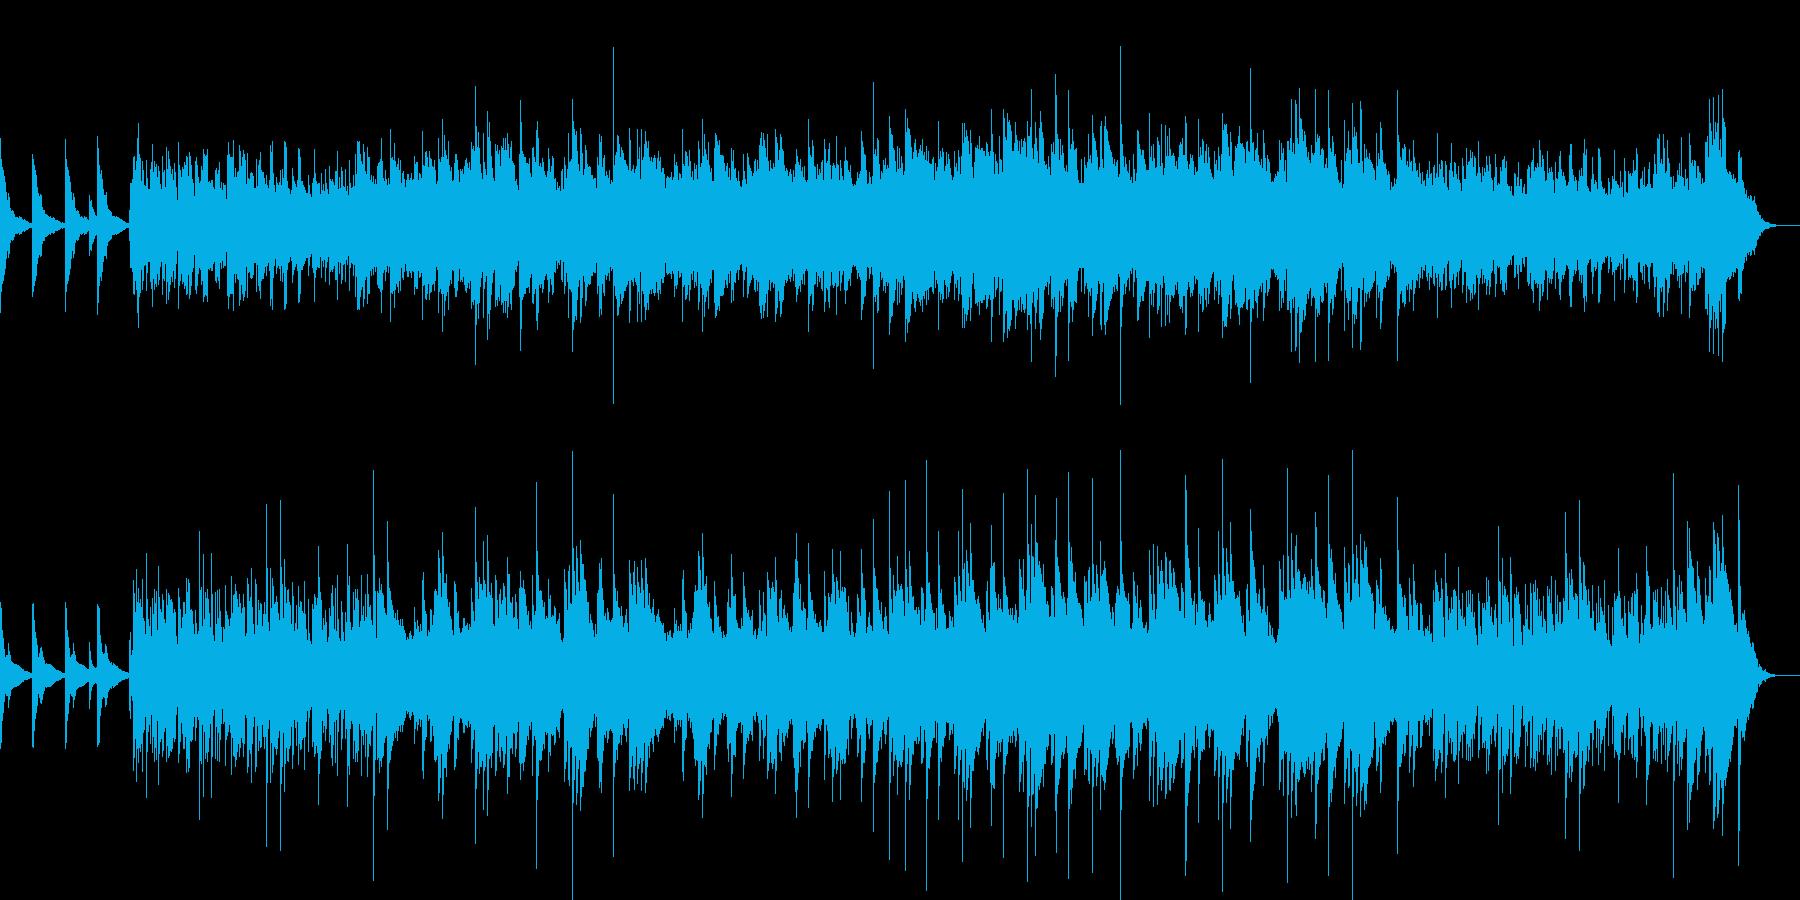 ピアノとストリングスによる映像向きの曲の再生済みの波形